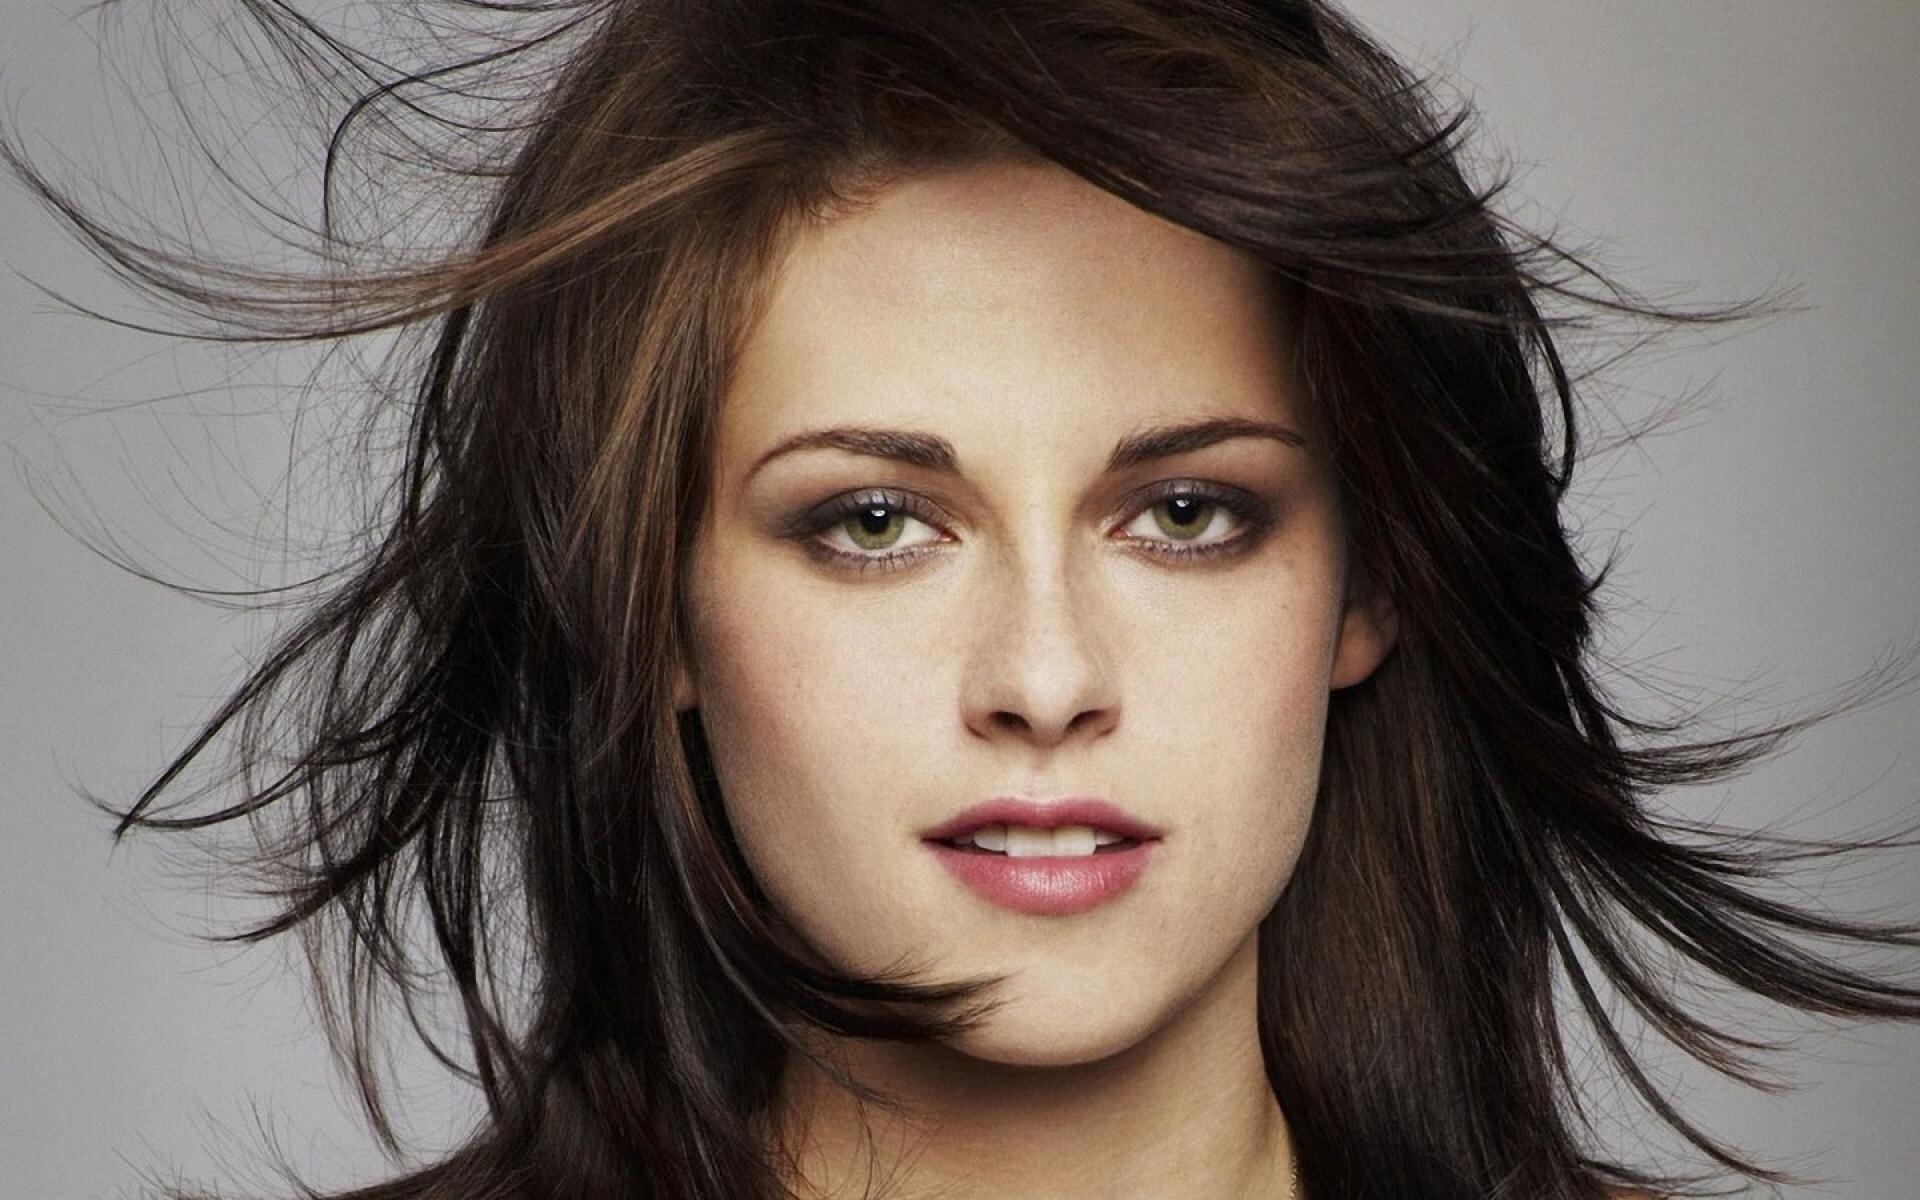 kristen stewart actress wallpapers | hd wallpapers